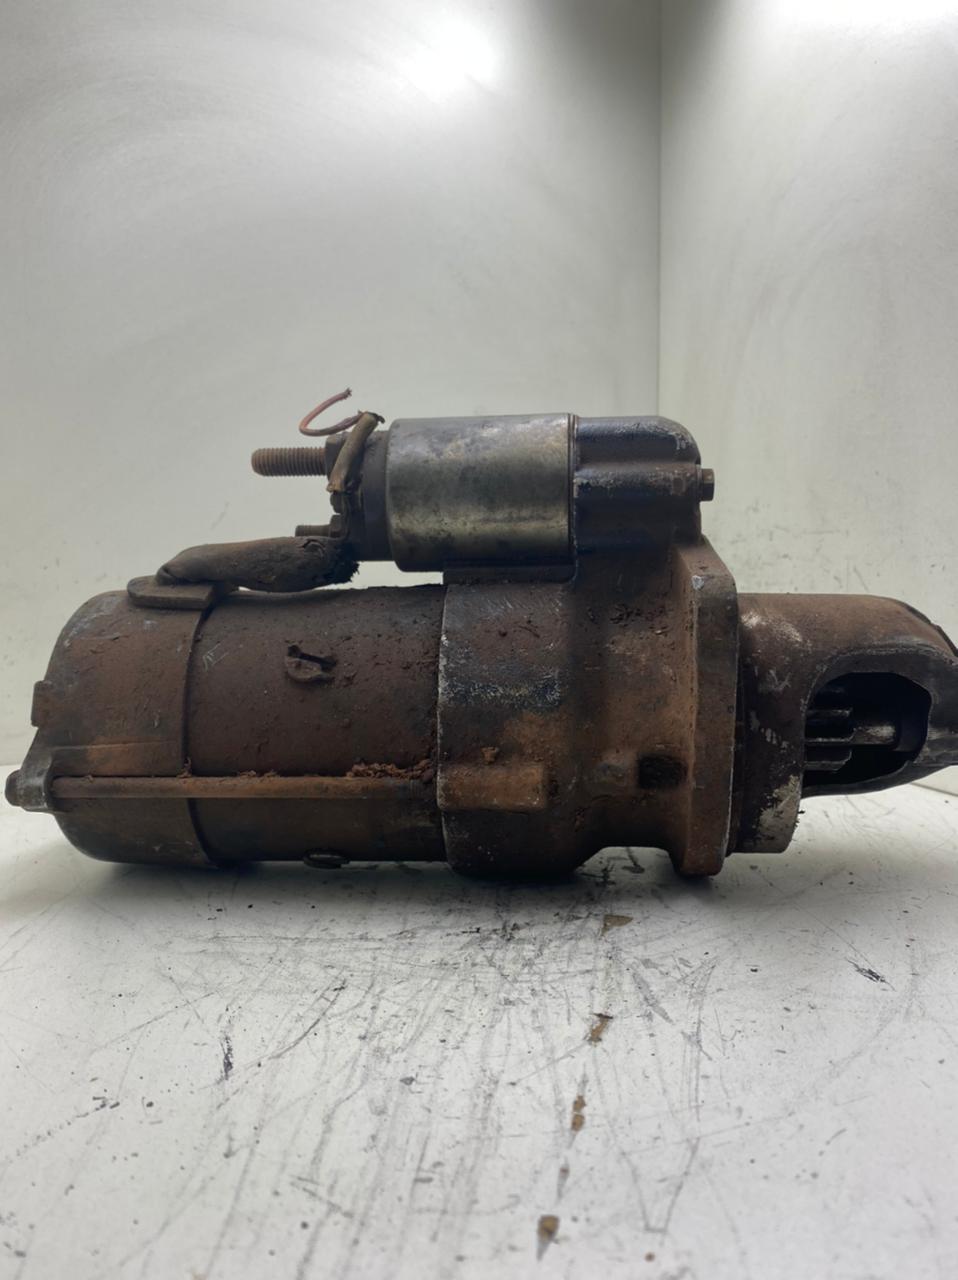 MOTOR DE PARTIDA ARRANQUE 24V 10D M100R CAN VW 17250E 26250E 24250E CUMMINS ELETRONICO 35262540 35262460 35262020 MD10304 2WD91102 2W09110230